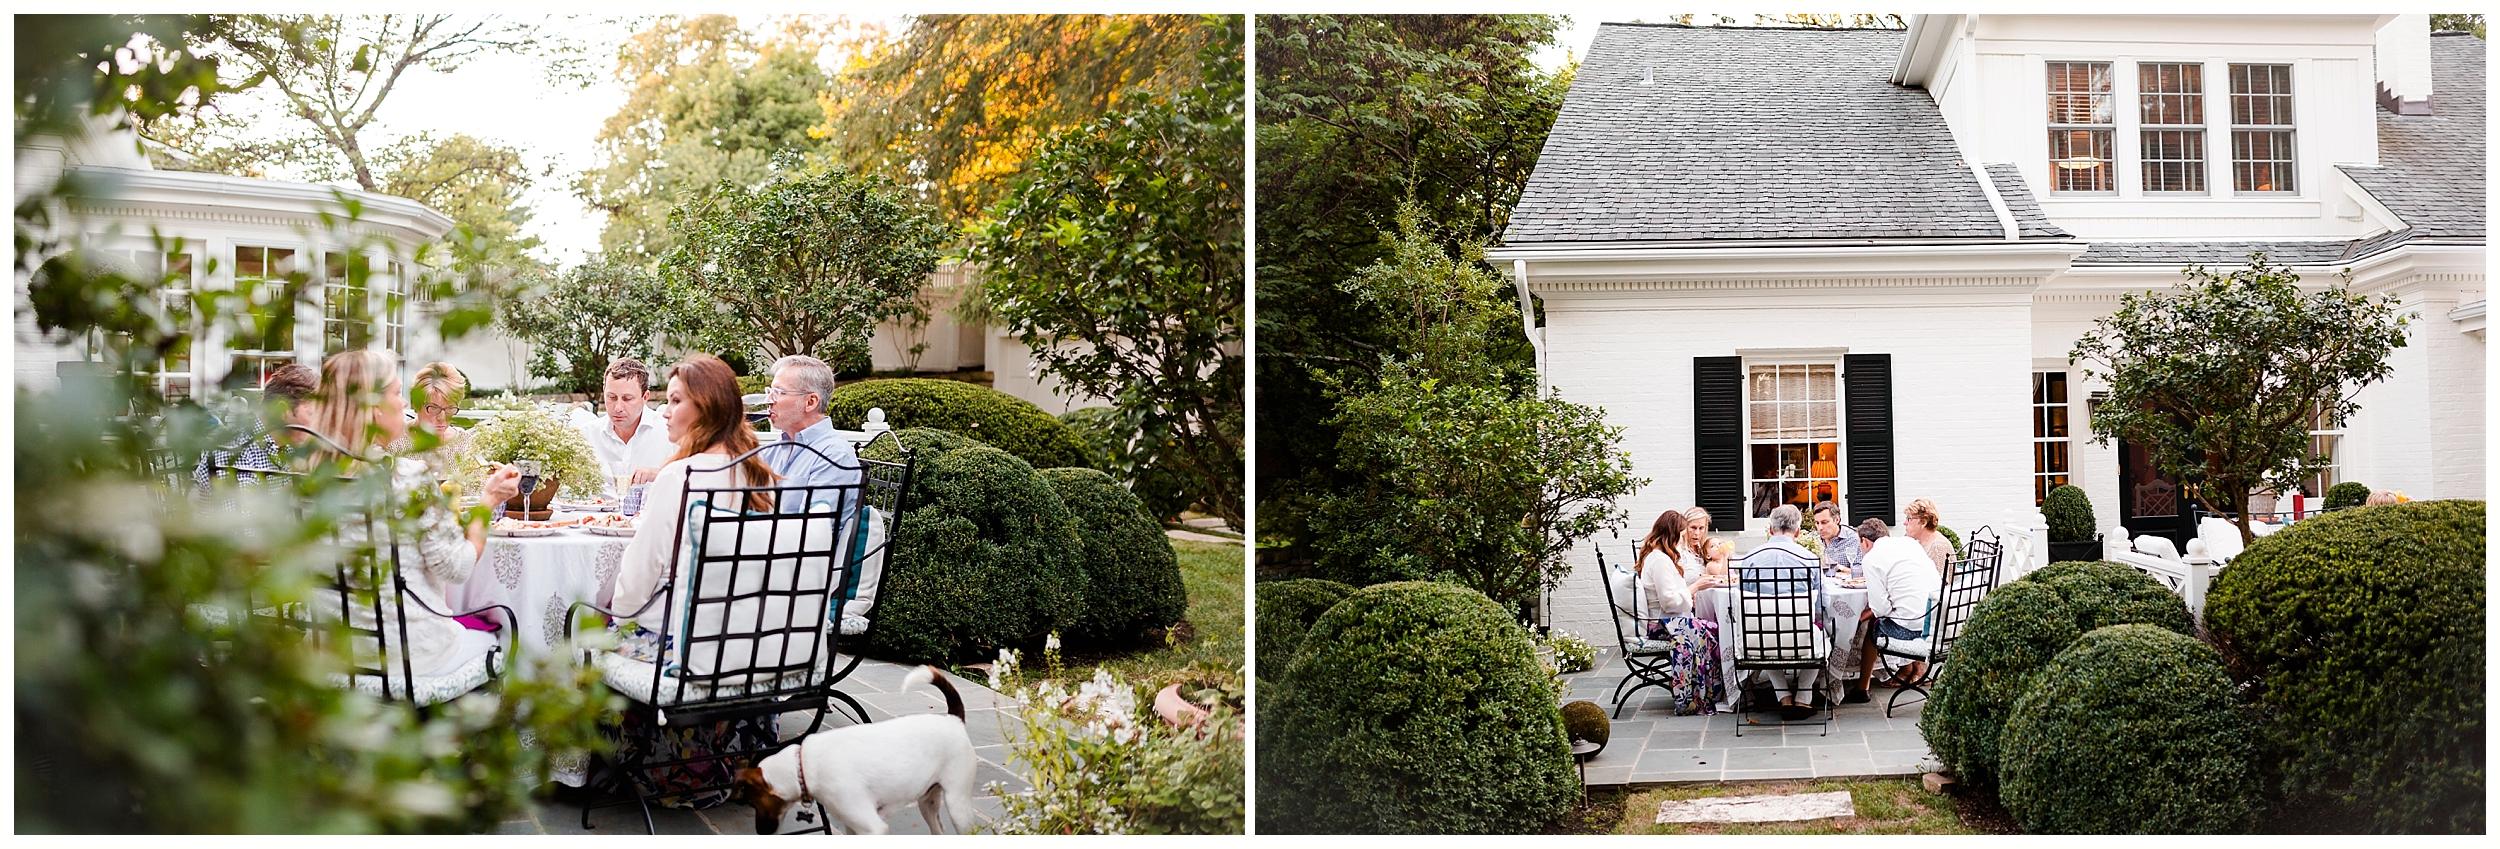 lexington-ky-family-lifestyle-photos-by-priscilla-baierlein_0033.jpg